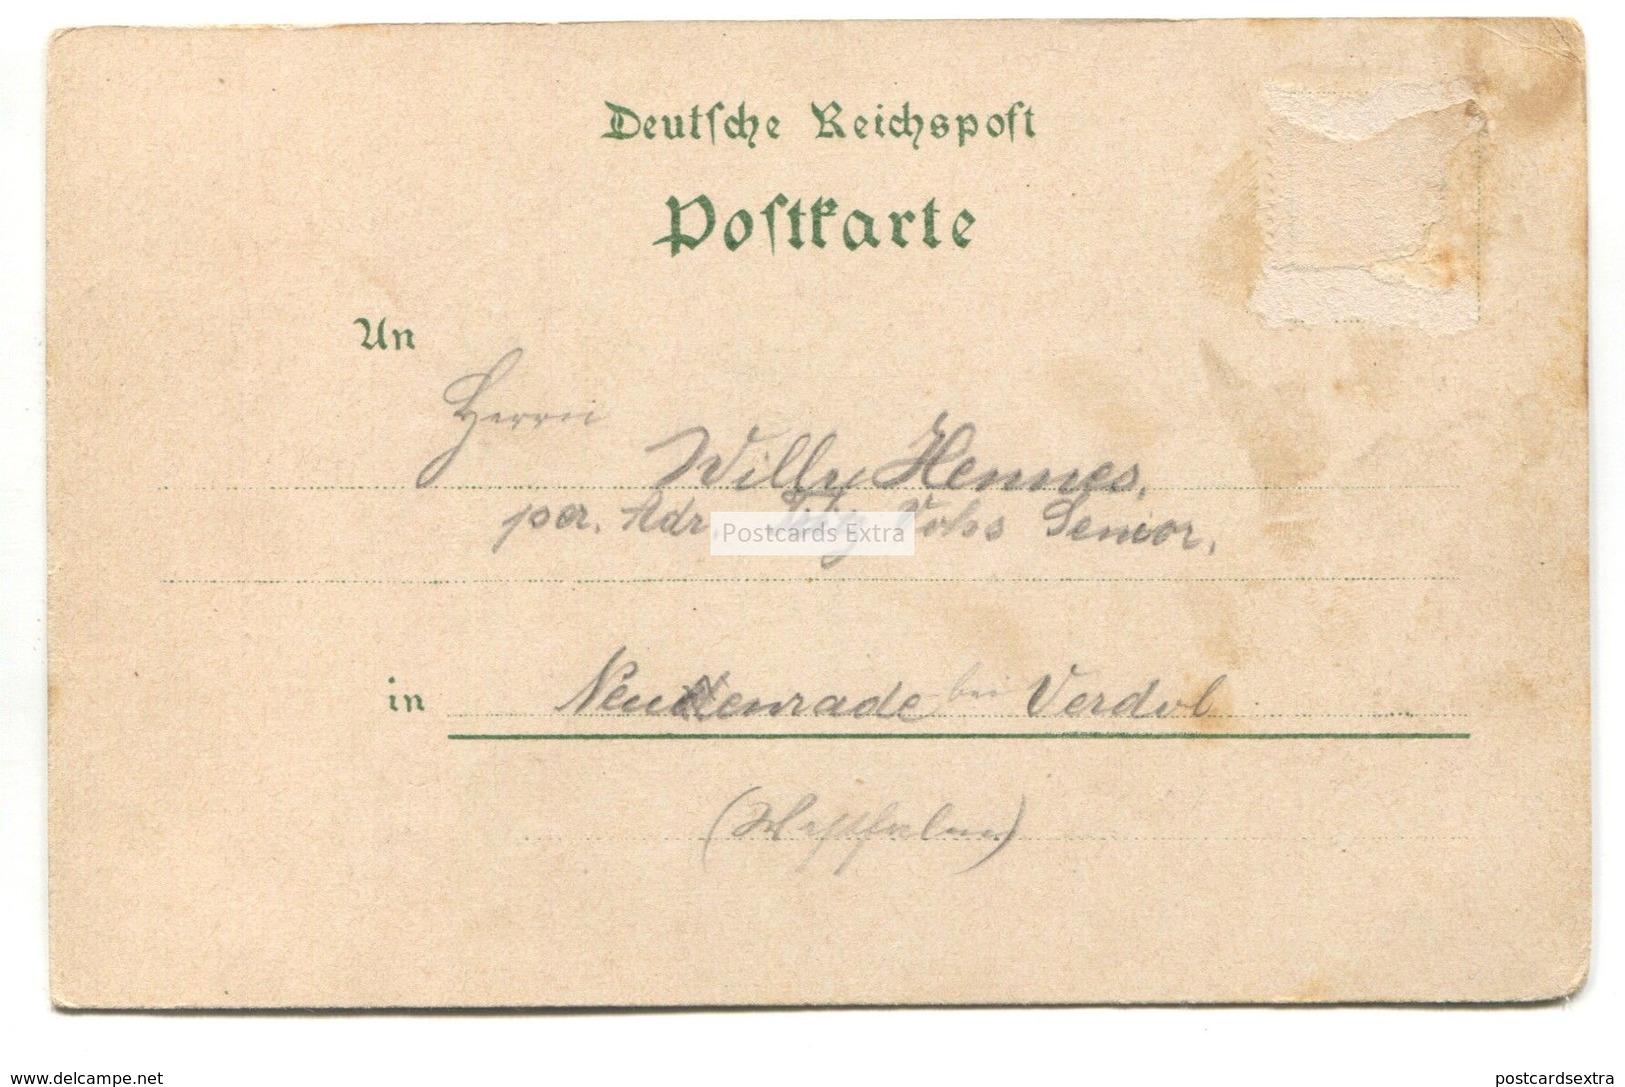 Gruss Aus Hulsenbusch - Early Germany Postcard - Gummersbach